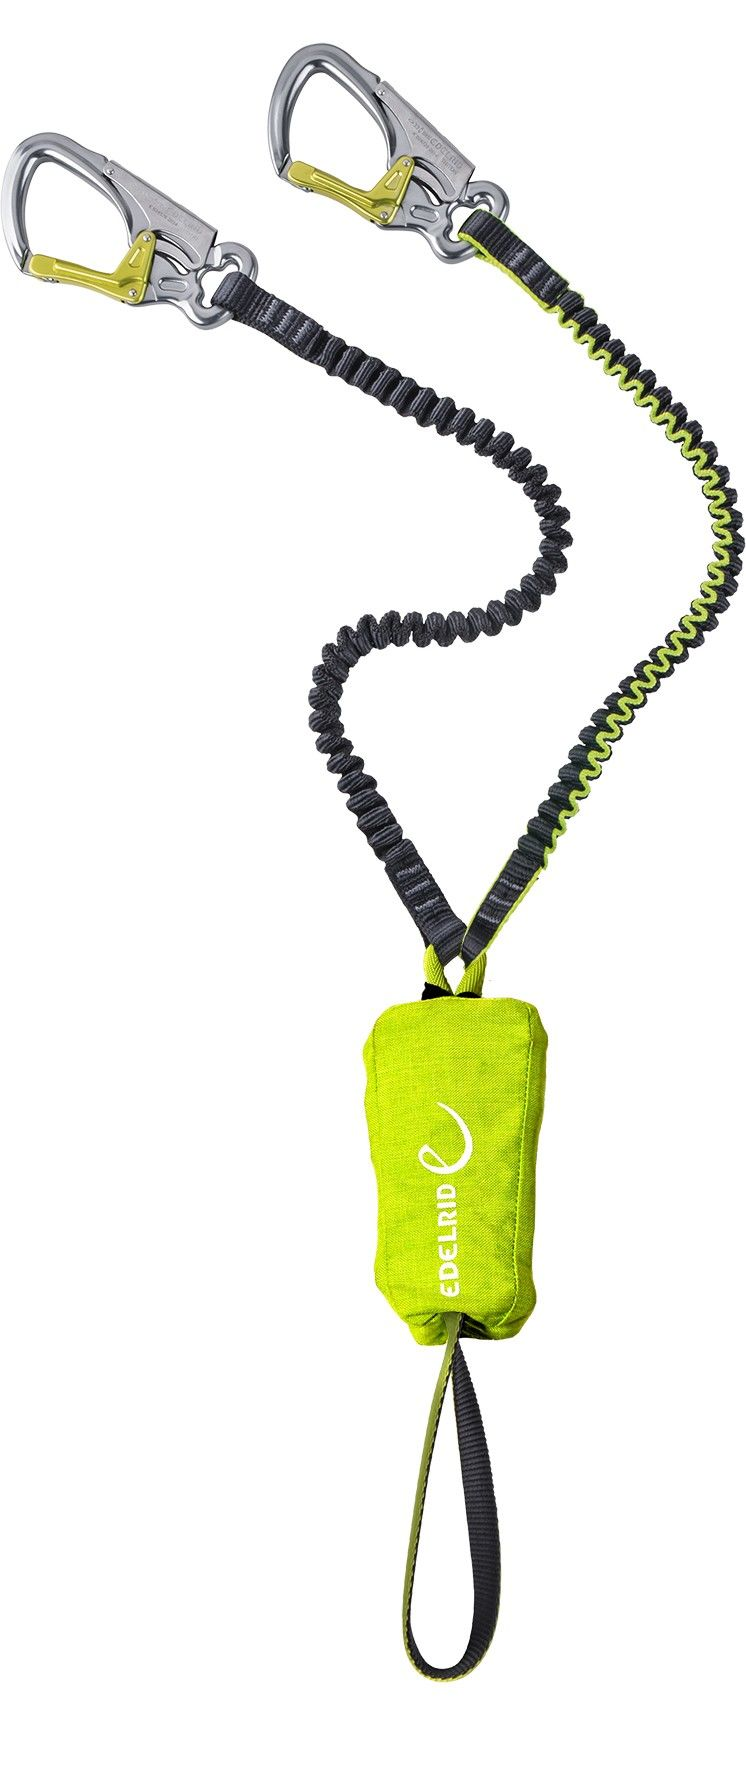 Edelrid Cable KIT Lite 5.0 | Größe One Size |  Klettersteig-Ausrüstung